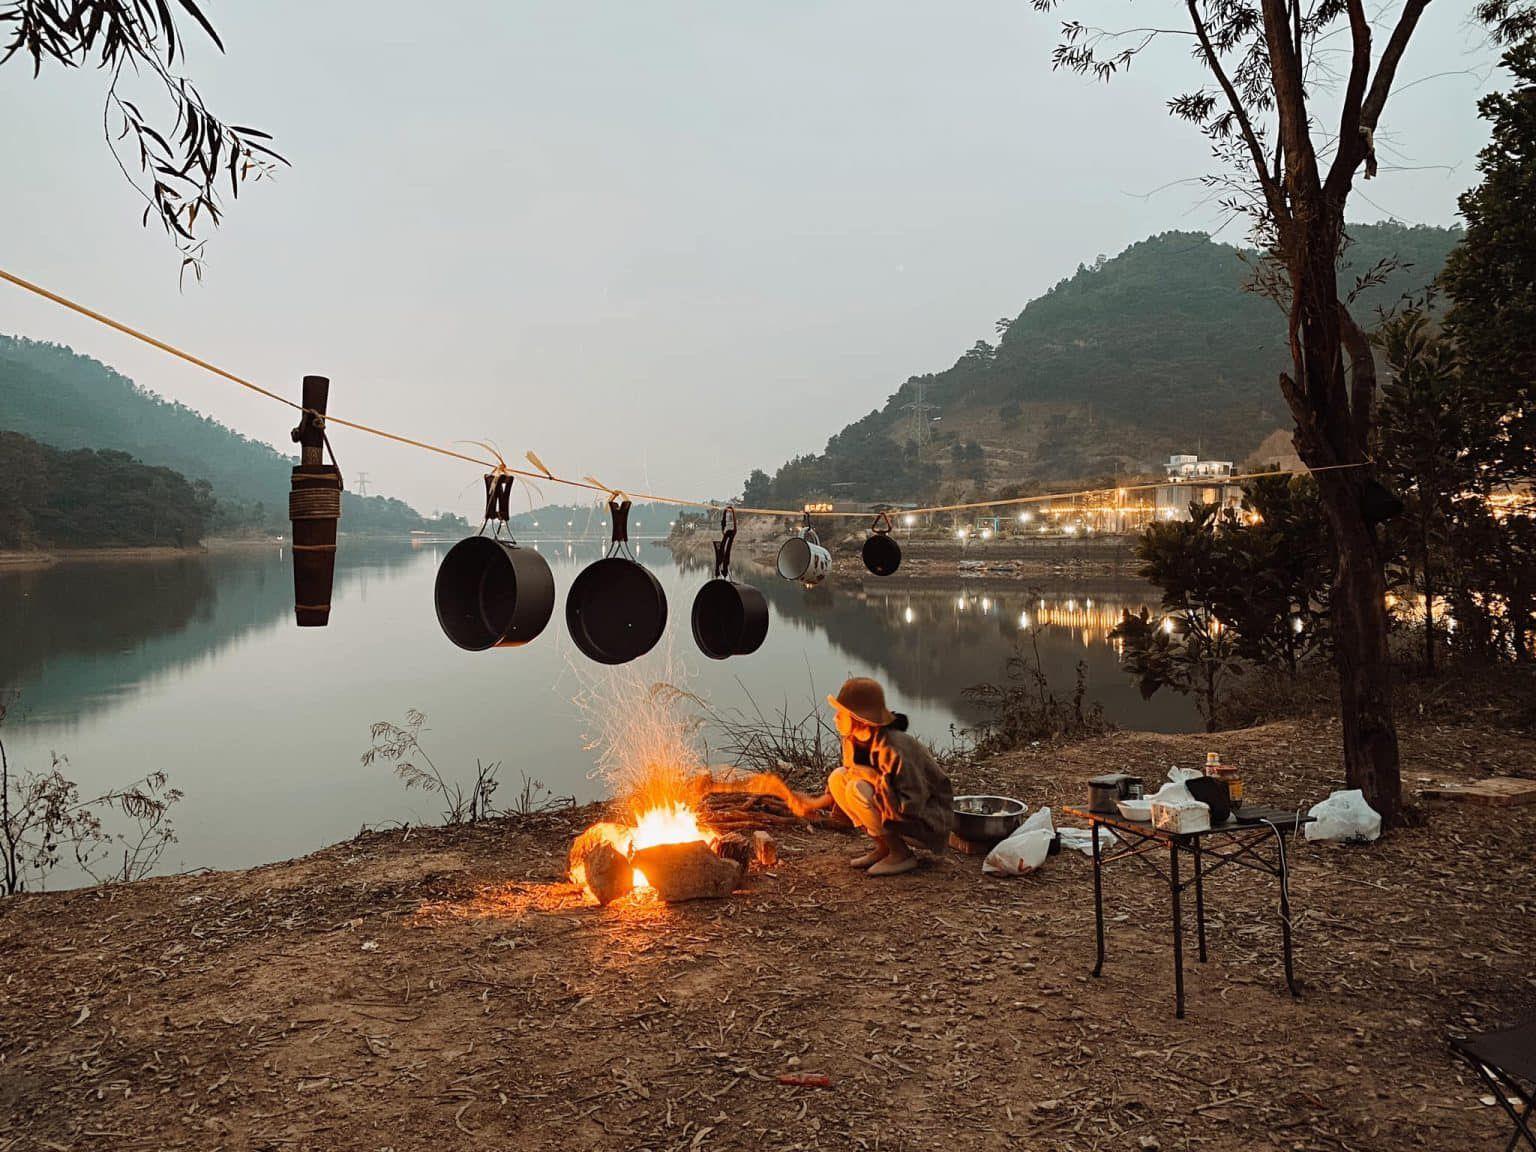 Review Cùng nhau khám phá Hồ Đồng Đò – điểm cắm trại cực chill nha 😋😋